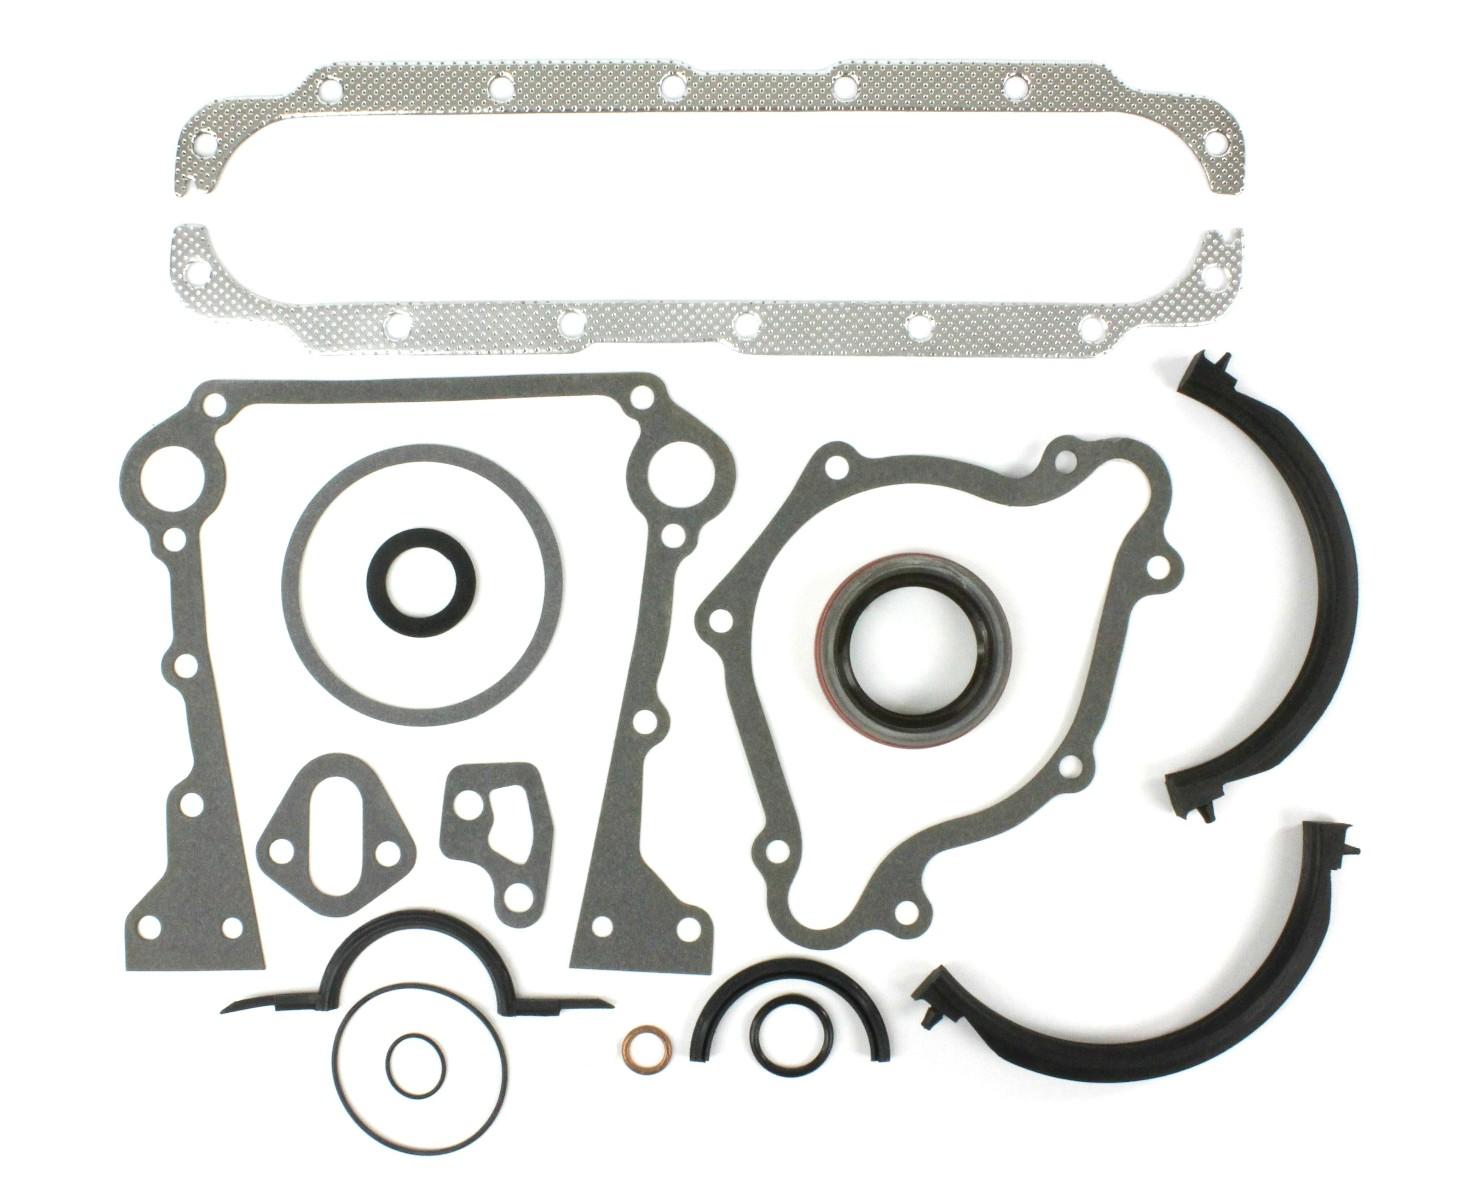 DNJ LGS1110 Lower Gasket Set For 87-91 Dodge B150 B250 3.9L V6 OHV 12v